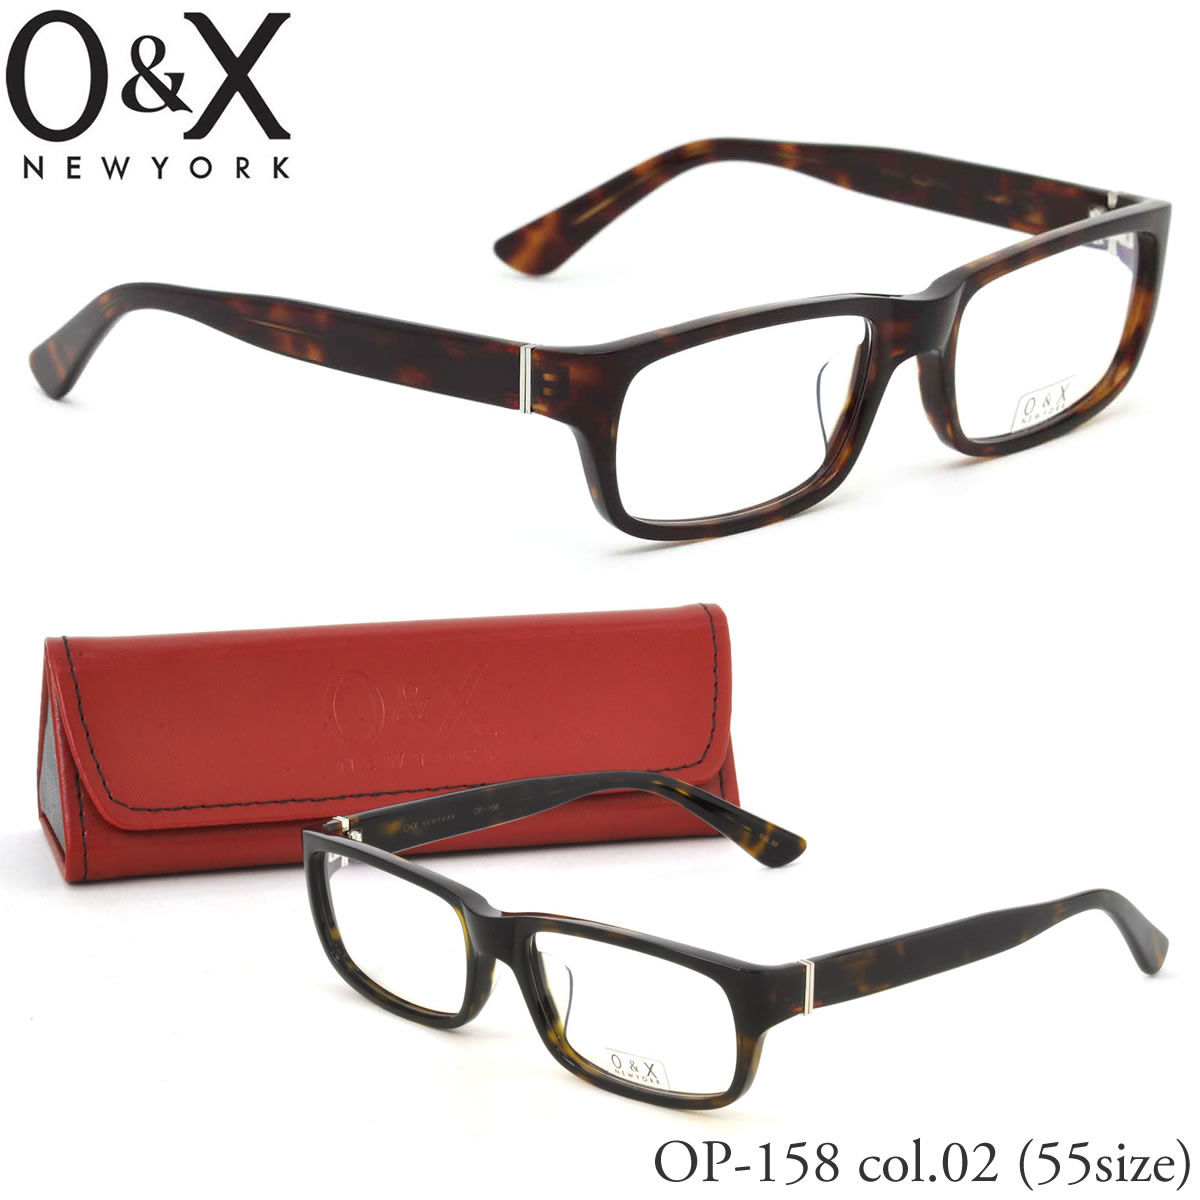 ほぼ全品ポイント15倍~最大34倍+2倍! 【O&X】(オーアンドエックス) メガネ フレーム OP 158 02 55サイズ スクエア 日本製 オーアンドエックス O&X メンズ レディース